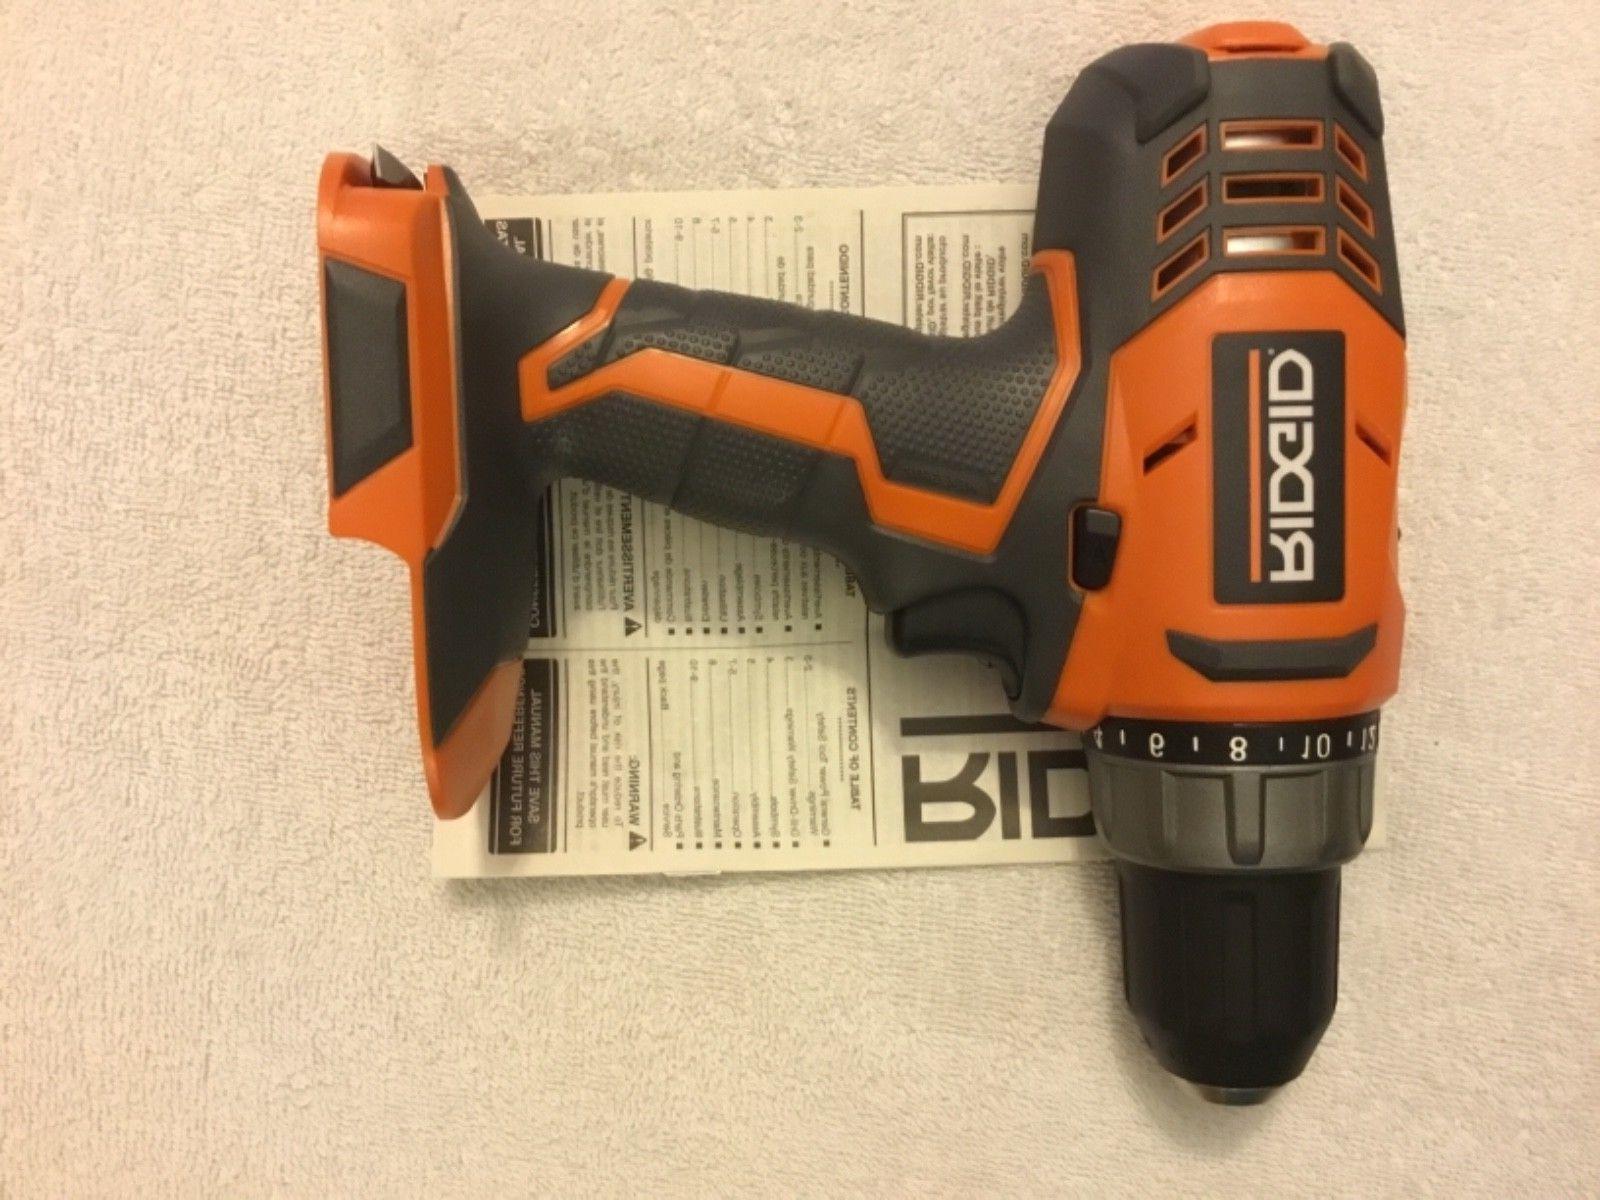 New Ridgid R860052 18 Volt Drill